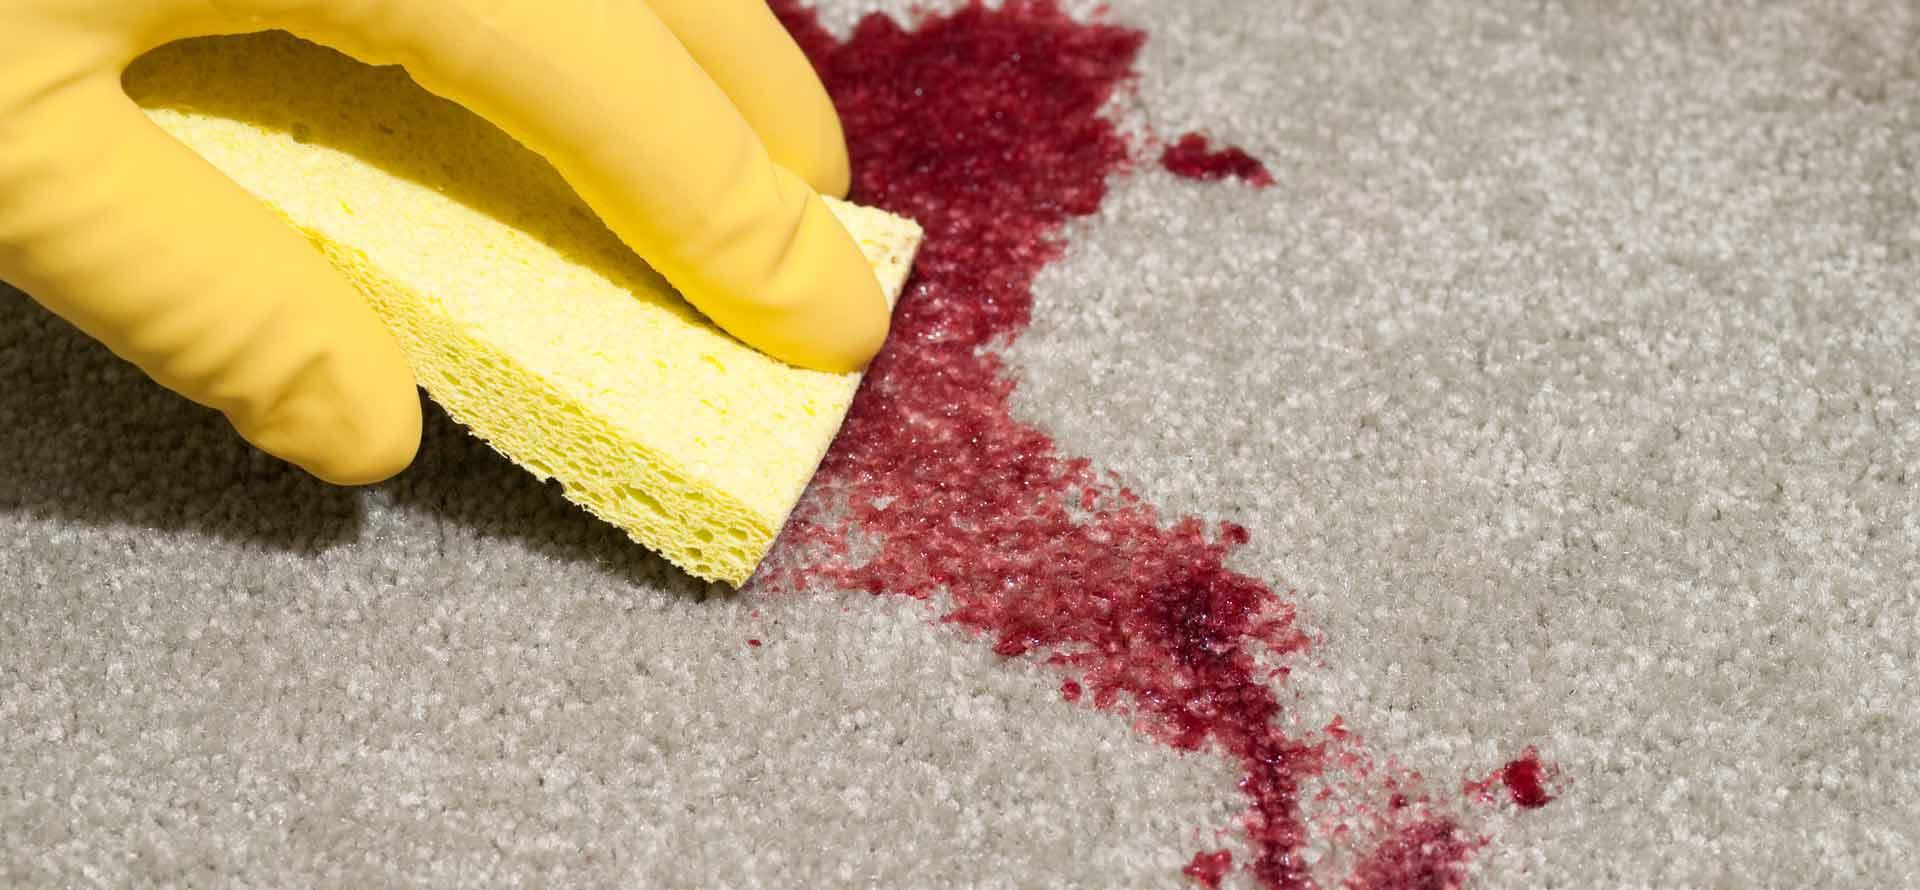 отмывание дивана от крови